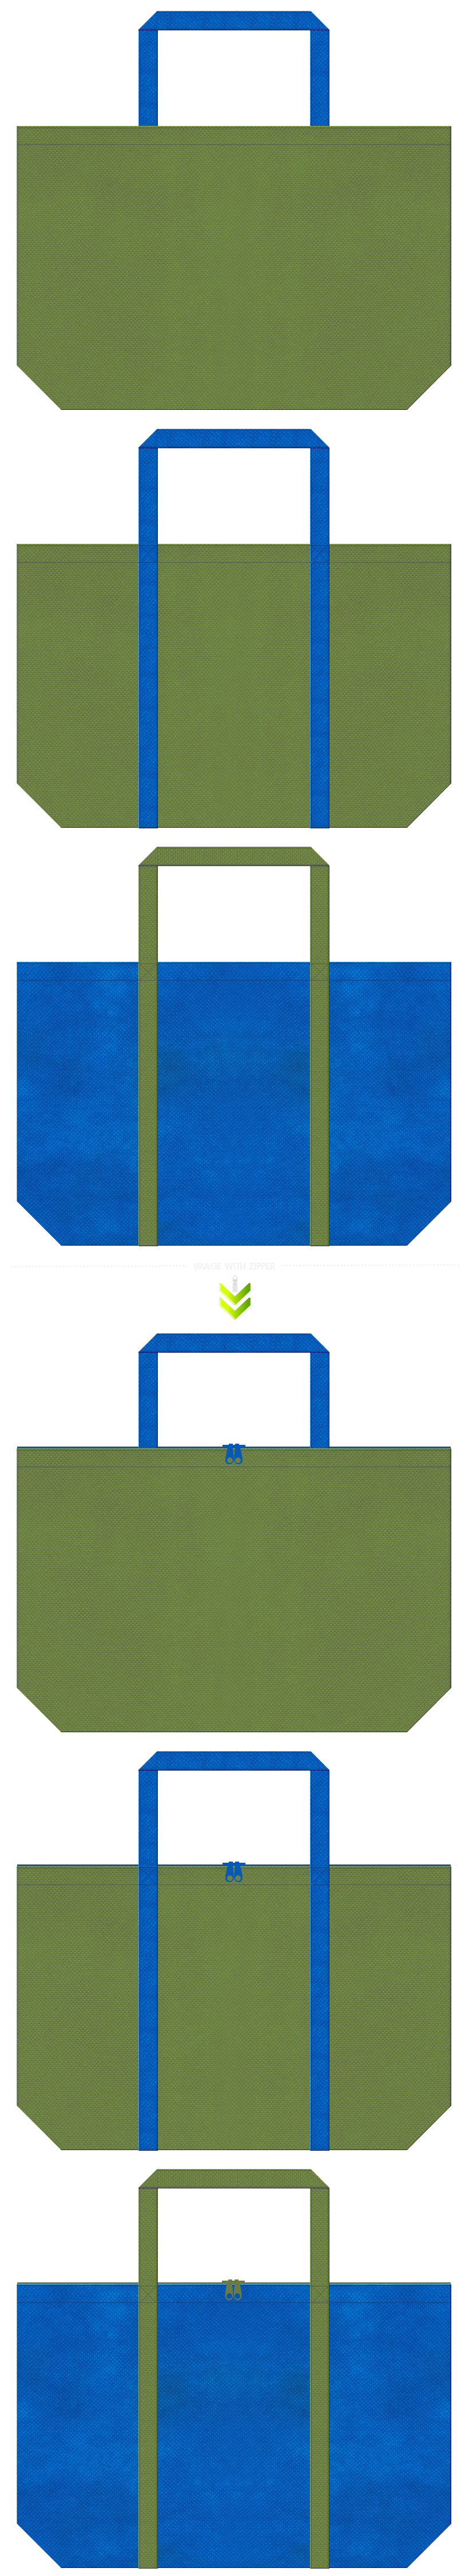 不織布トートバッグ 舟底タイプ 不織布カラーNo.34グラスグリーンとNo.22スカイブルーの組み合わせ